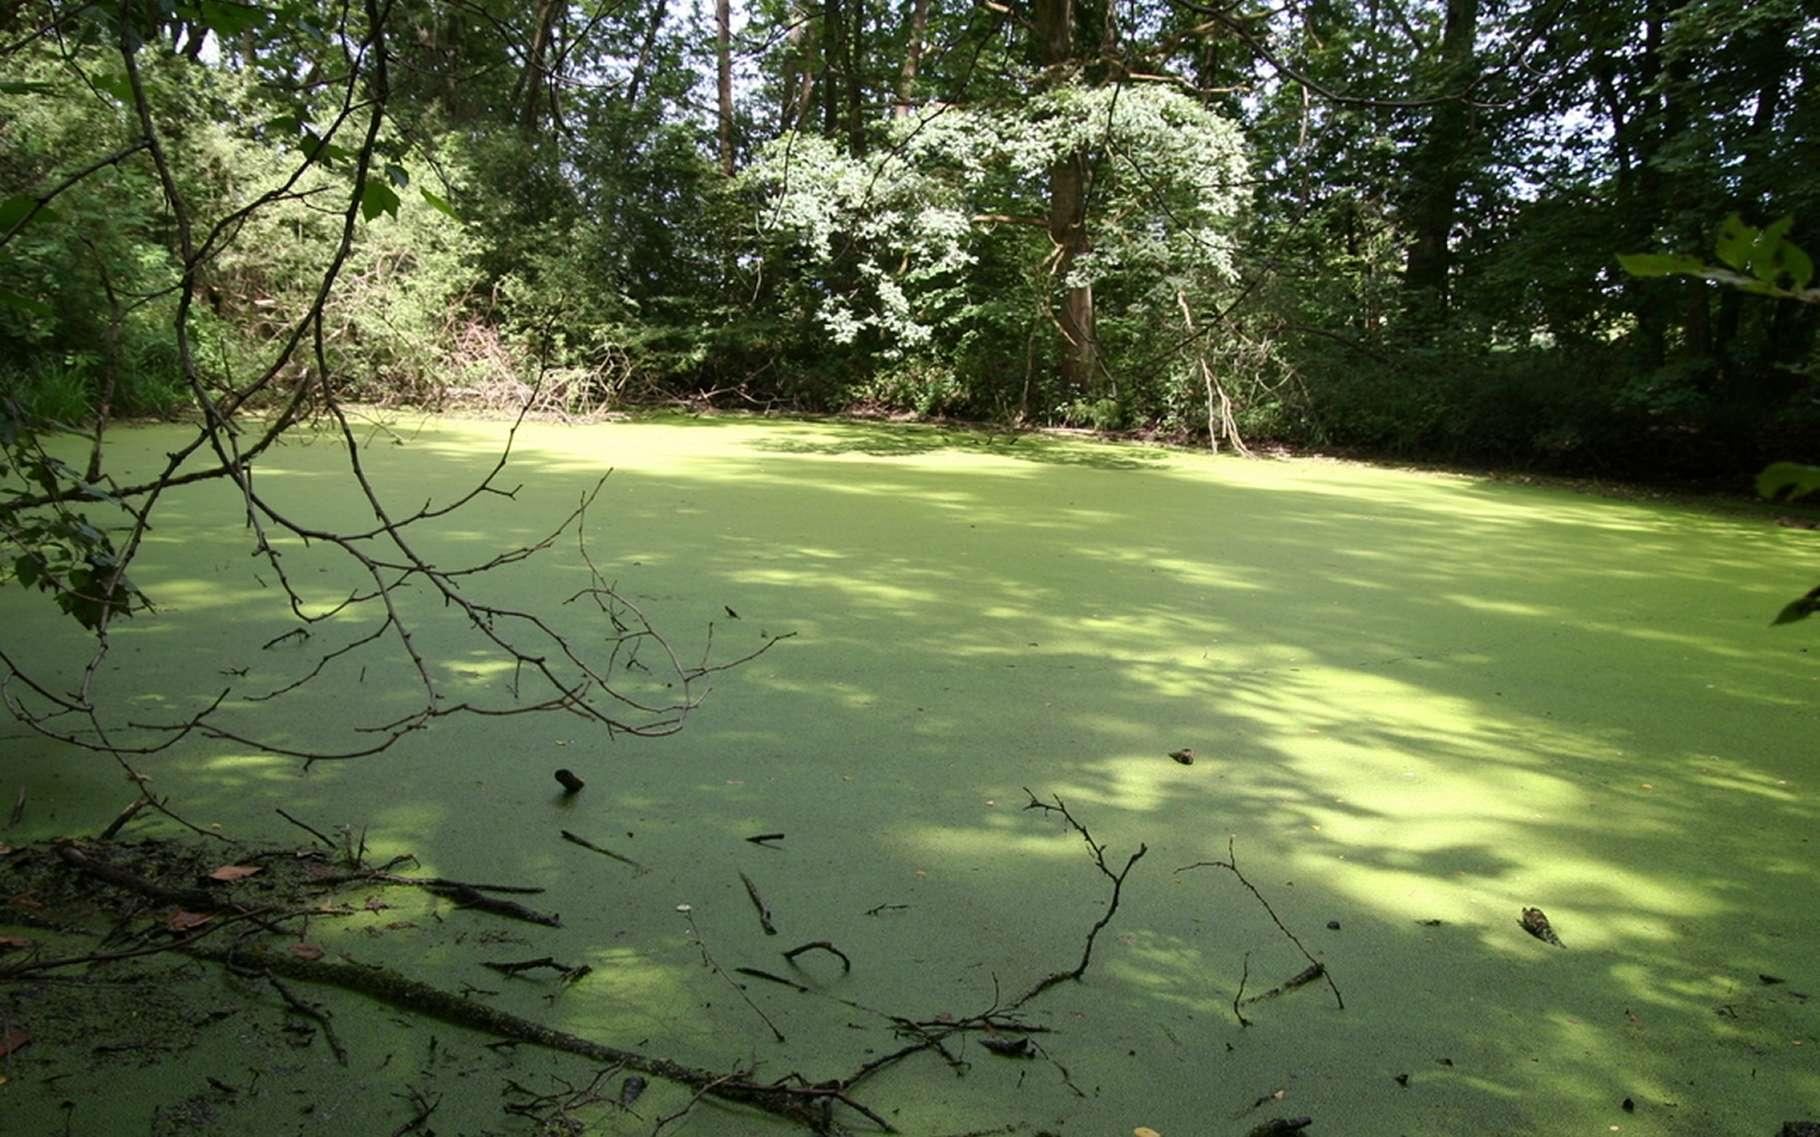 La Petite Camargue alsacienne est une réserve naturelle très ancienne, remontant au XIXe siècle. Elle abrite des zones humides qui étaient de larges marais alimentés par des bras du Rhin avant sa canalisation. Ici un marais proche de Saint-Louis, dans le Haut-Rhin. © Lionel Rich, cc-by-sa-2.5